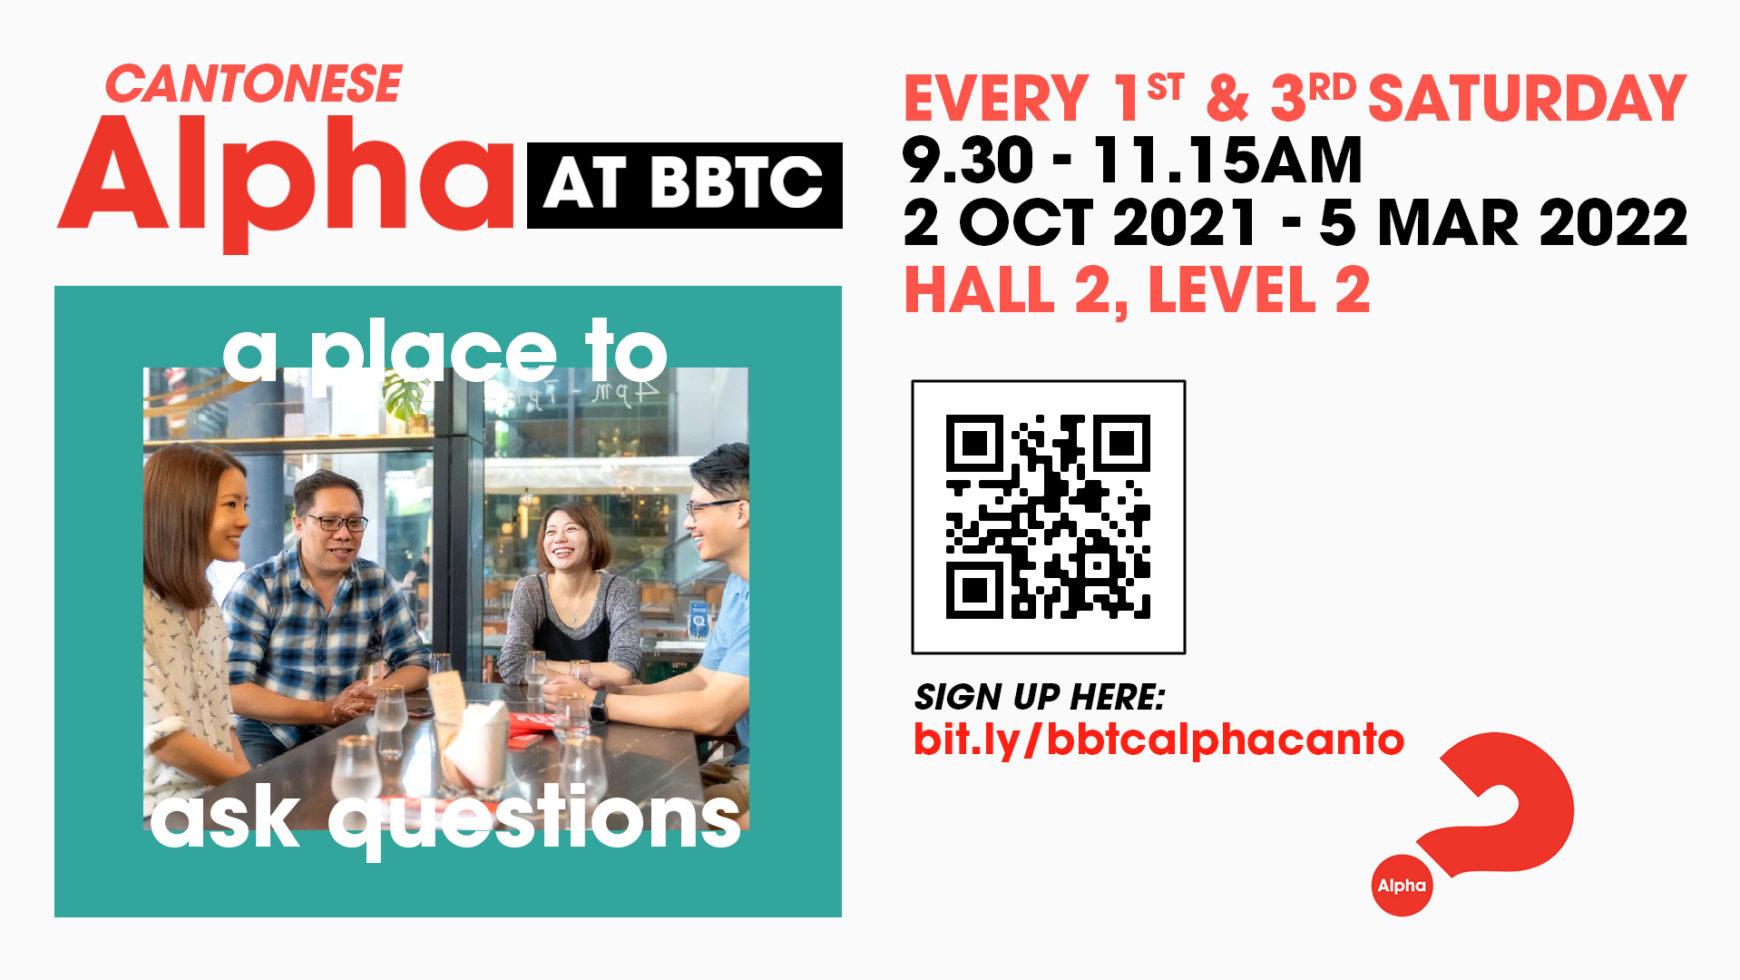 Cantonese Alpha@BBTC